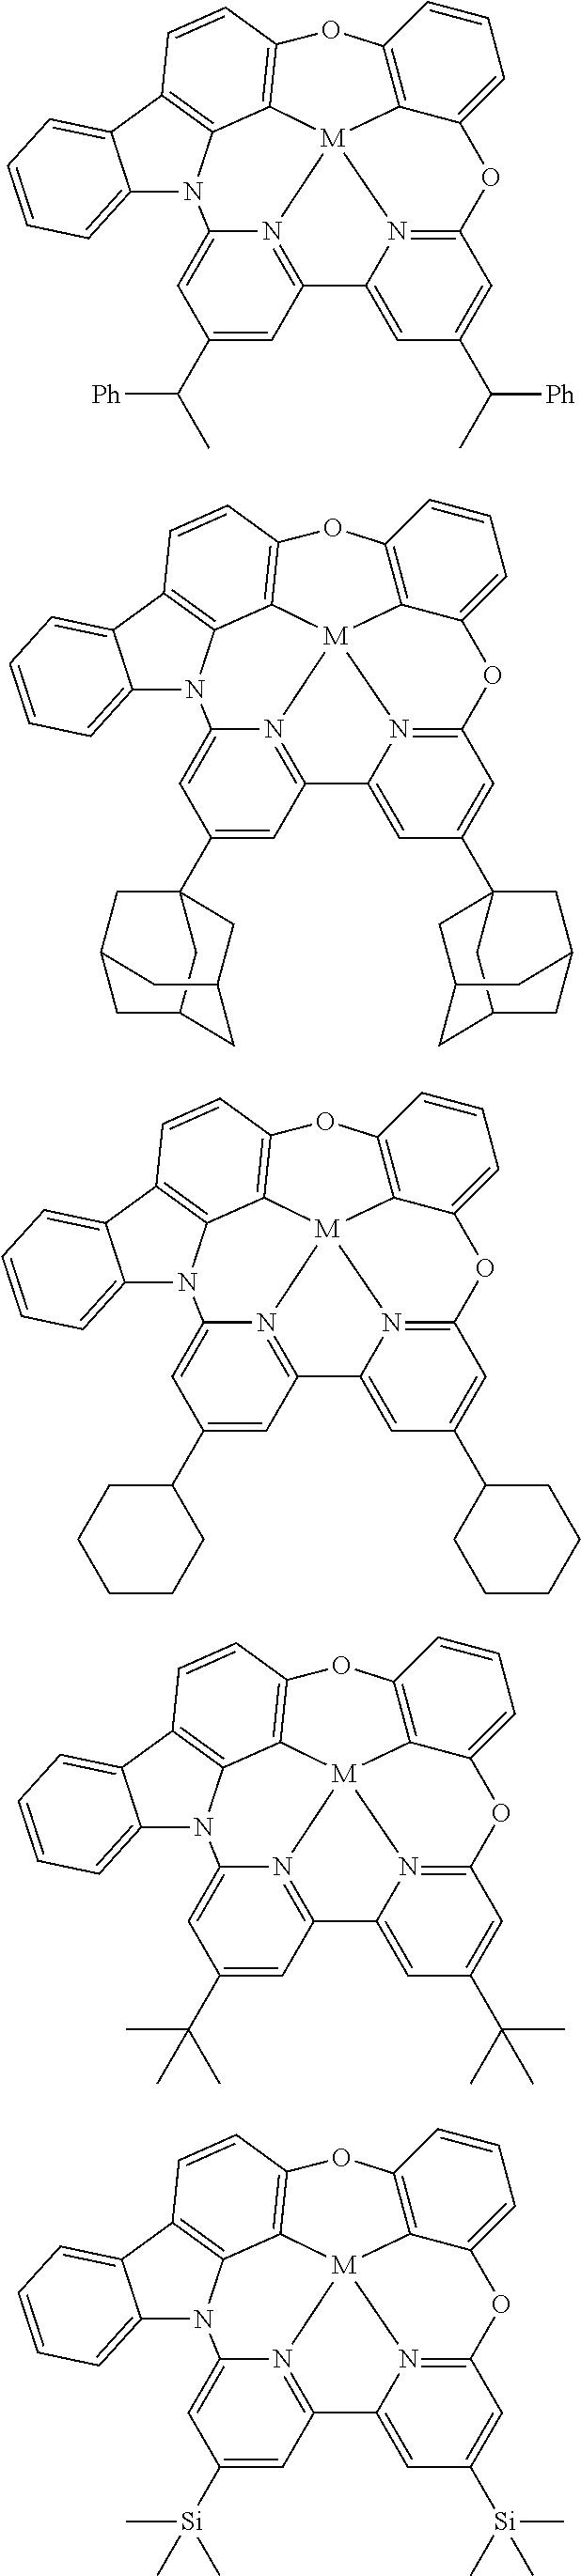 Figure US10158091-20181218-C00058